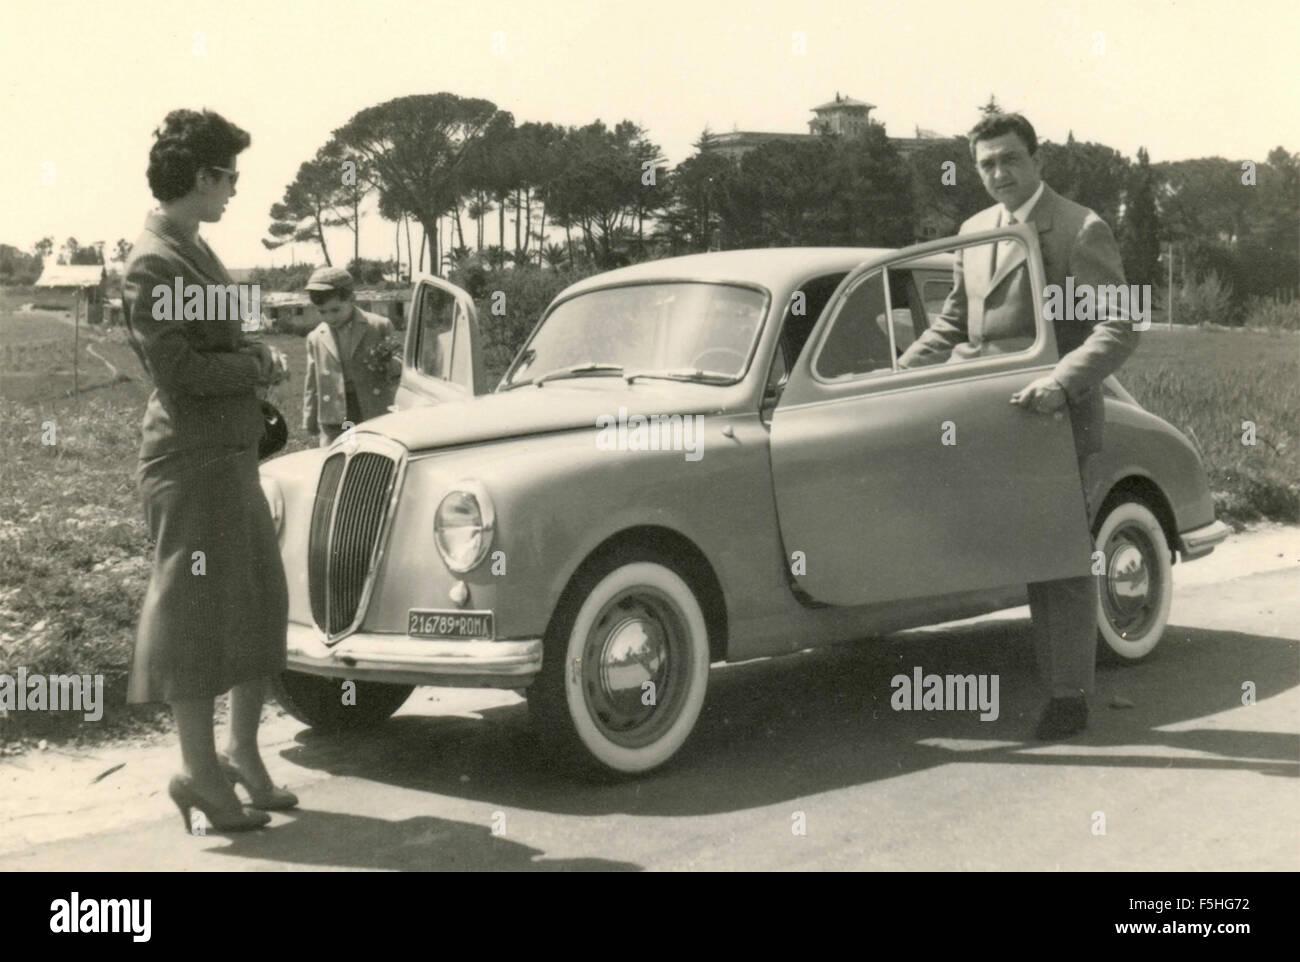 A couple next to a car Lancia Appia, Italy - Stock Image